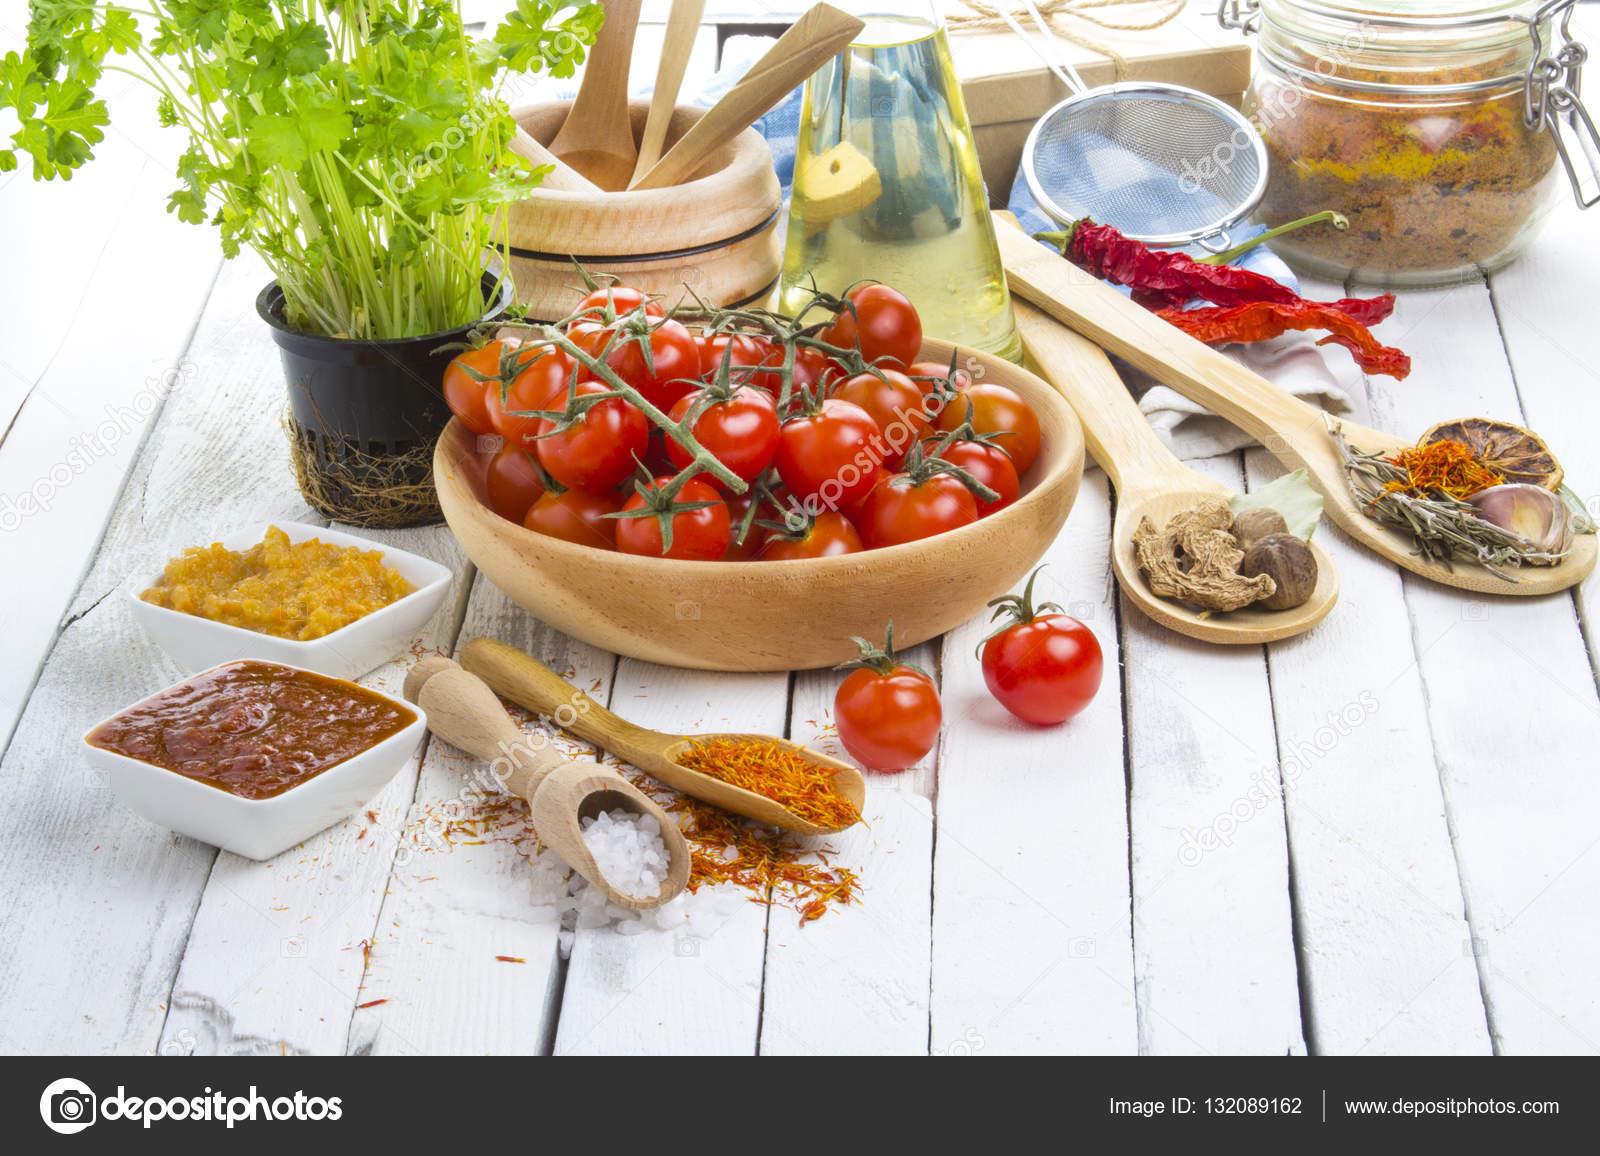 Especias tomates cocina mesa cocina rustica madera — Foto de ...